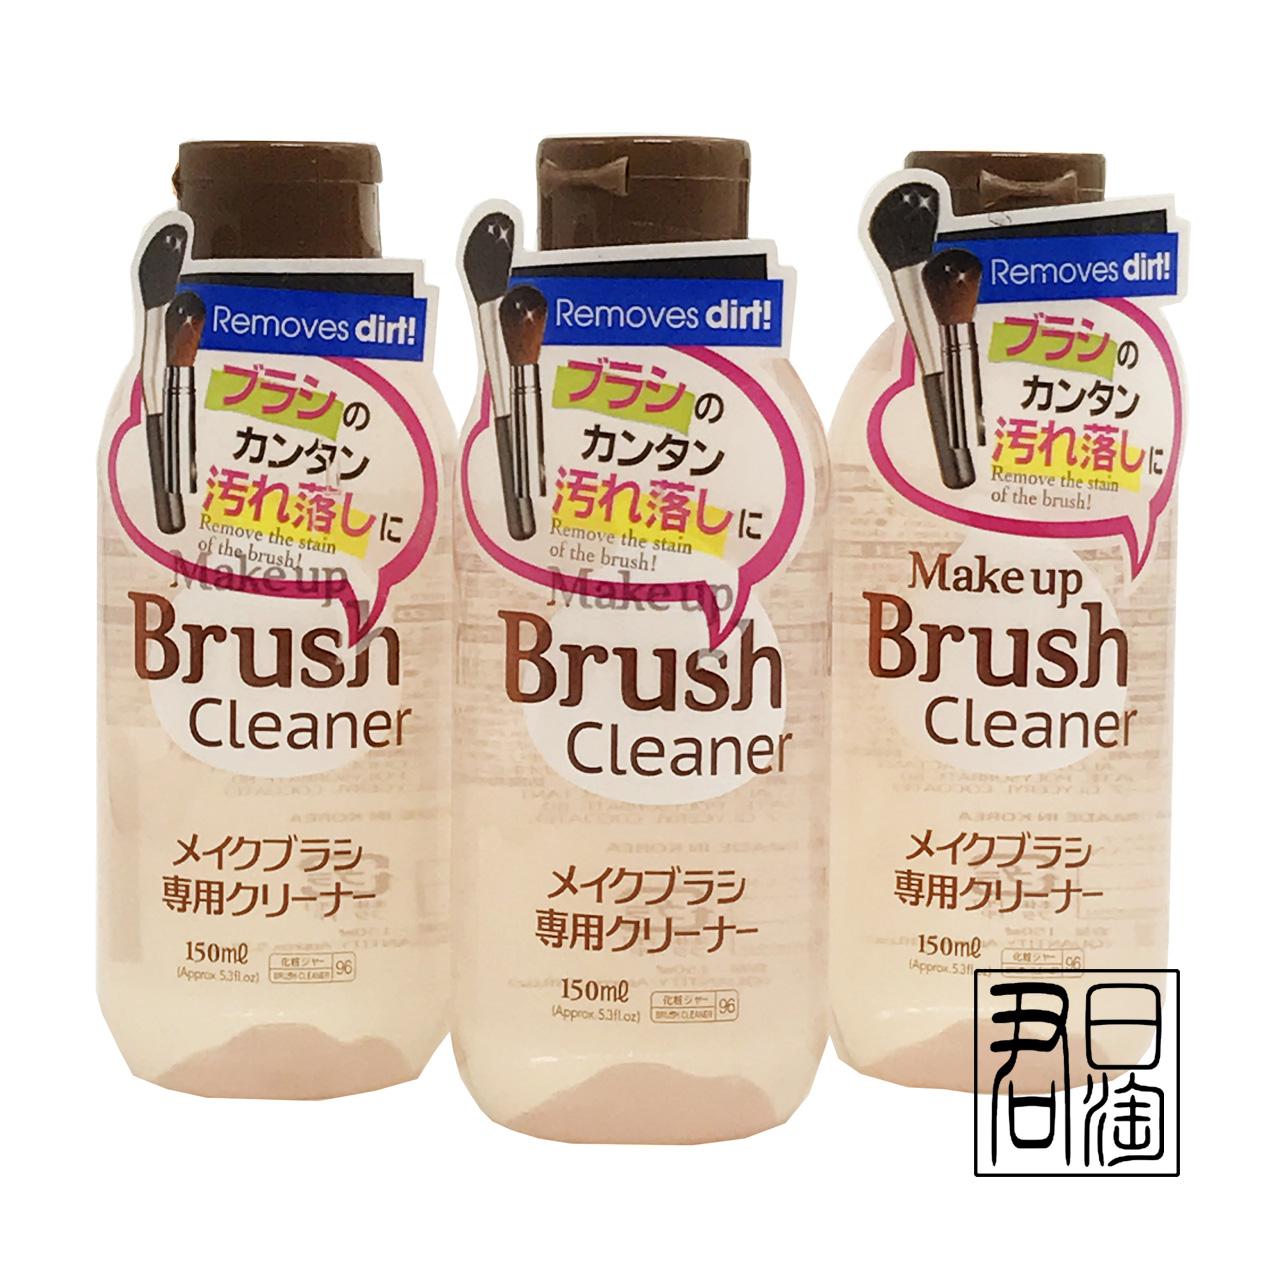 De DAISO Tao Jun / gran agente cepillos de limpieza pintando un cepillo de limpieza, detergentes líquidos para limpieza de líquido